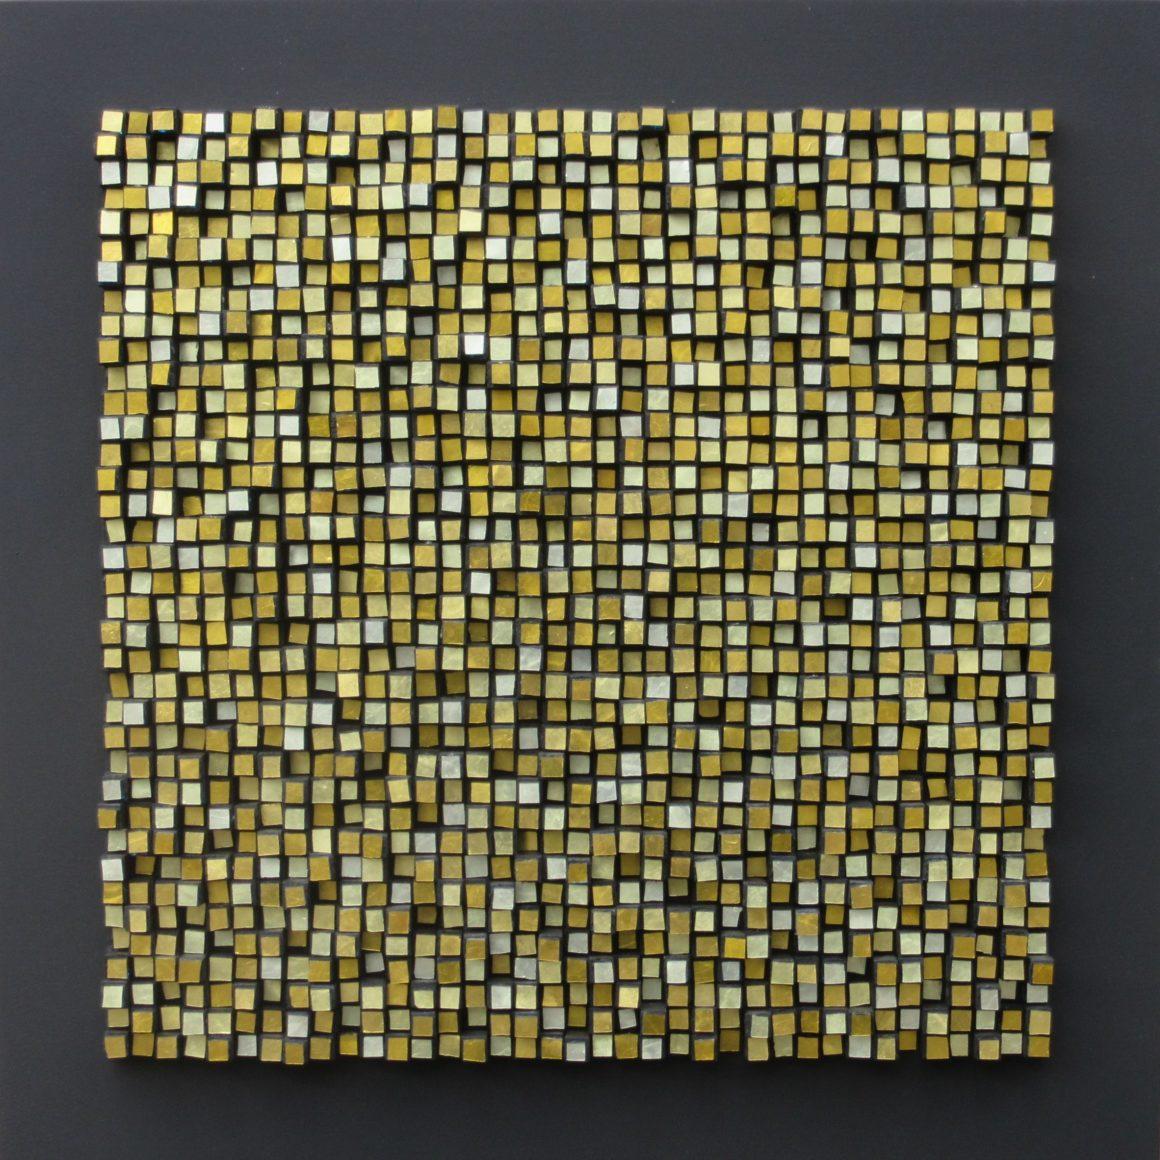 Composizione Oro e Legno 5-Mozaïekatelier Colorito-Natasja Mulder (1)